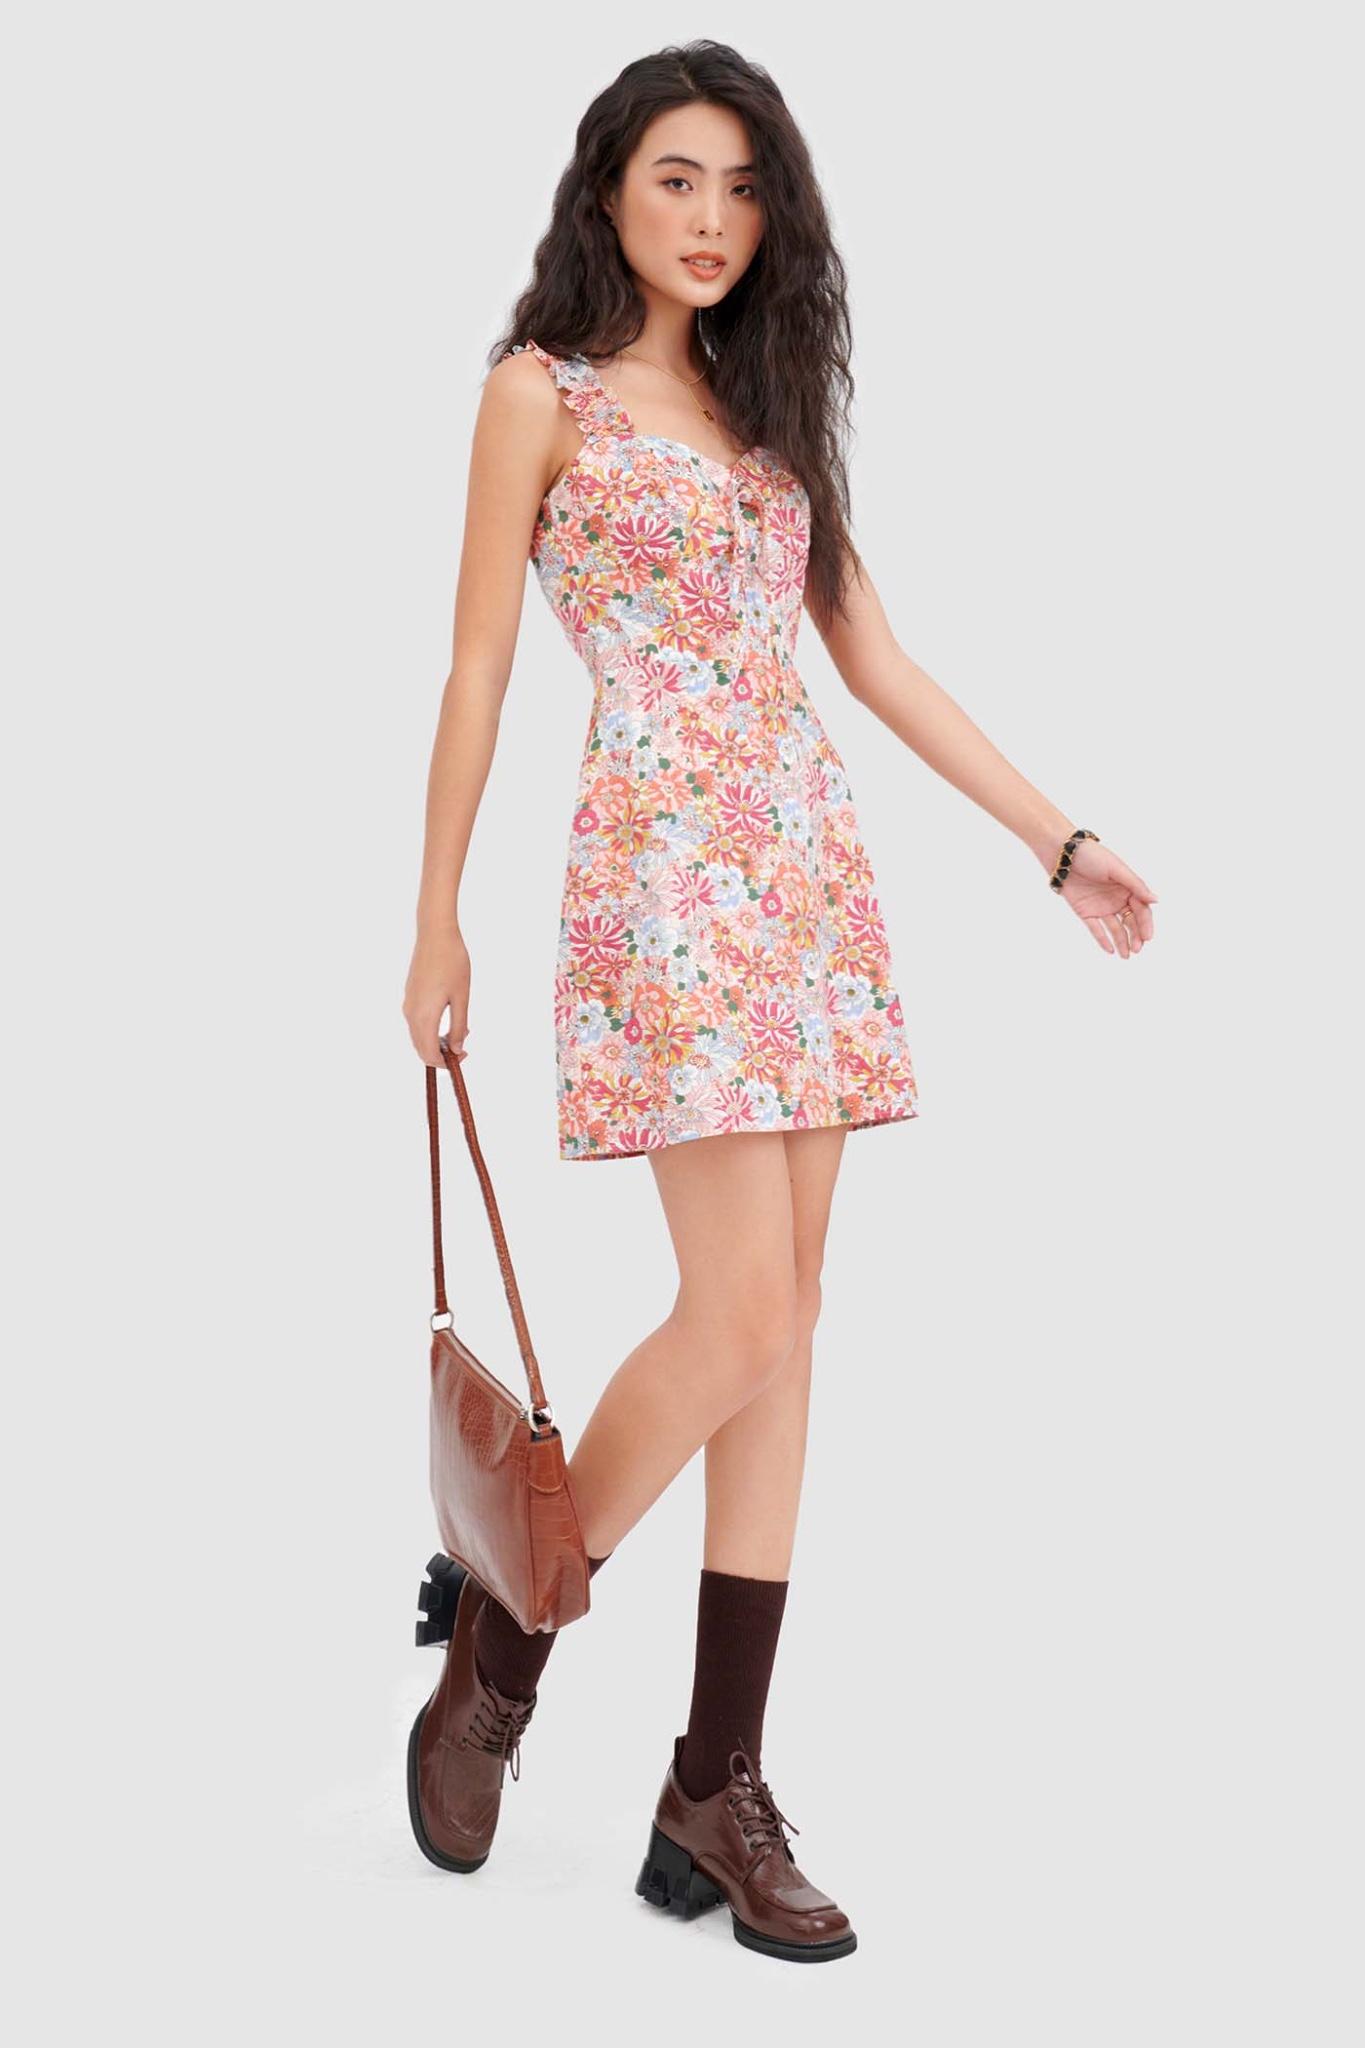 Đầm mini 2 dây nhún hoạ tiết hoa